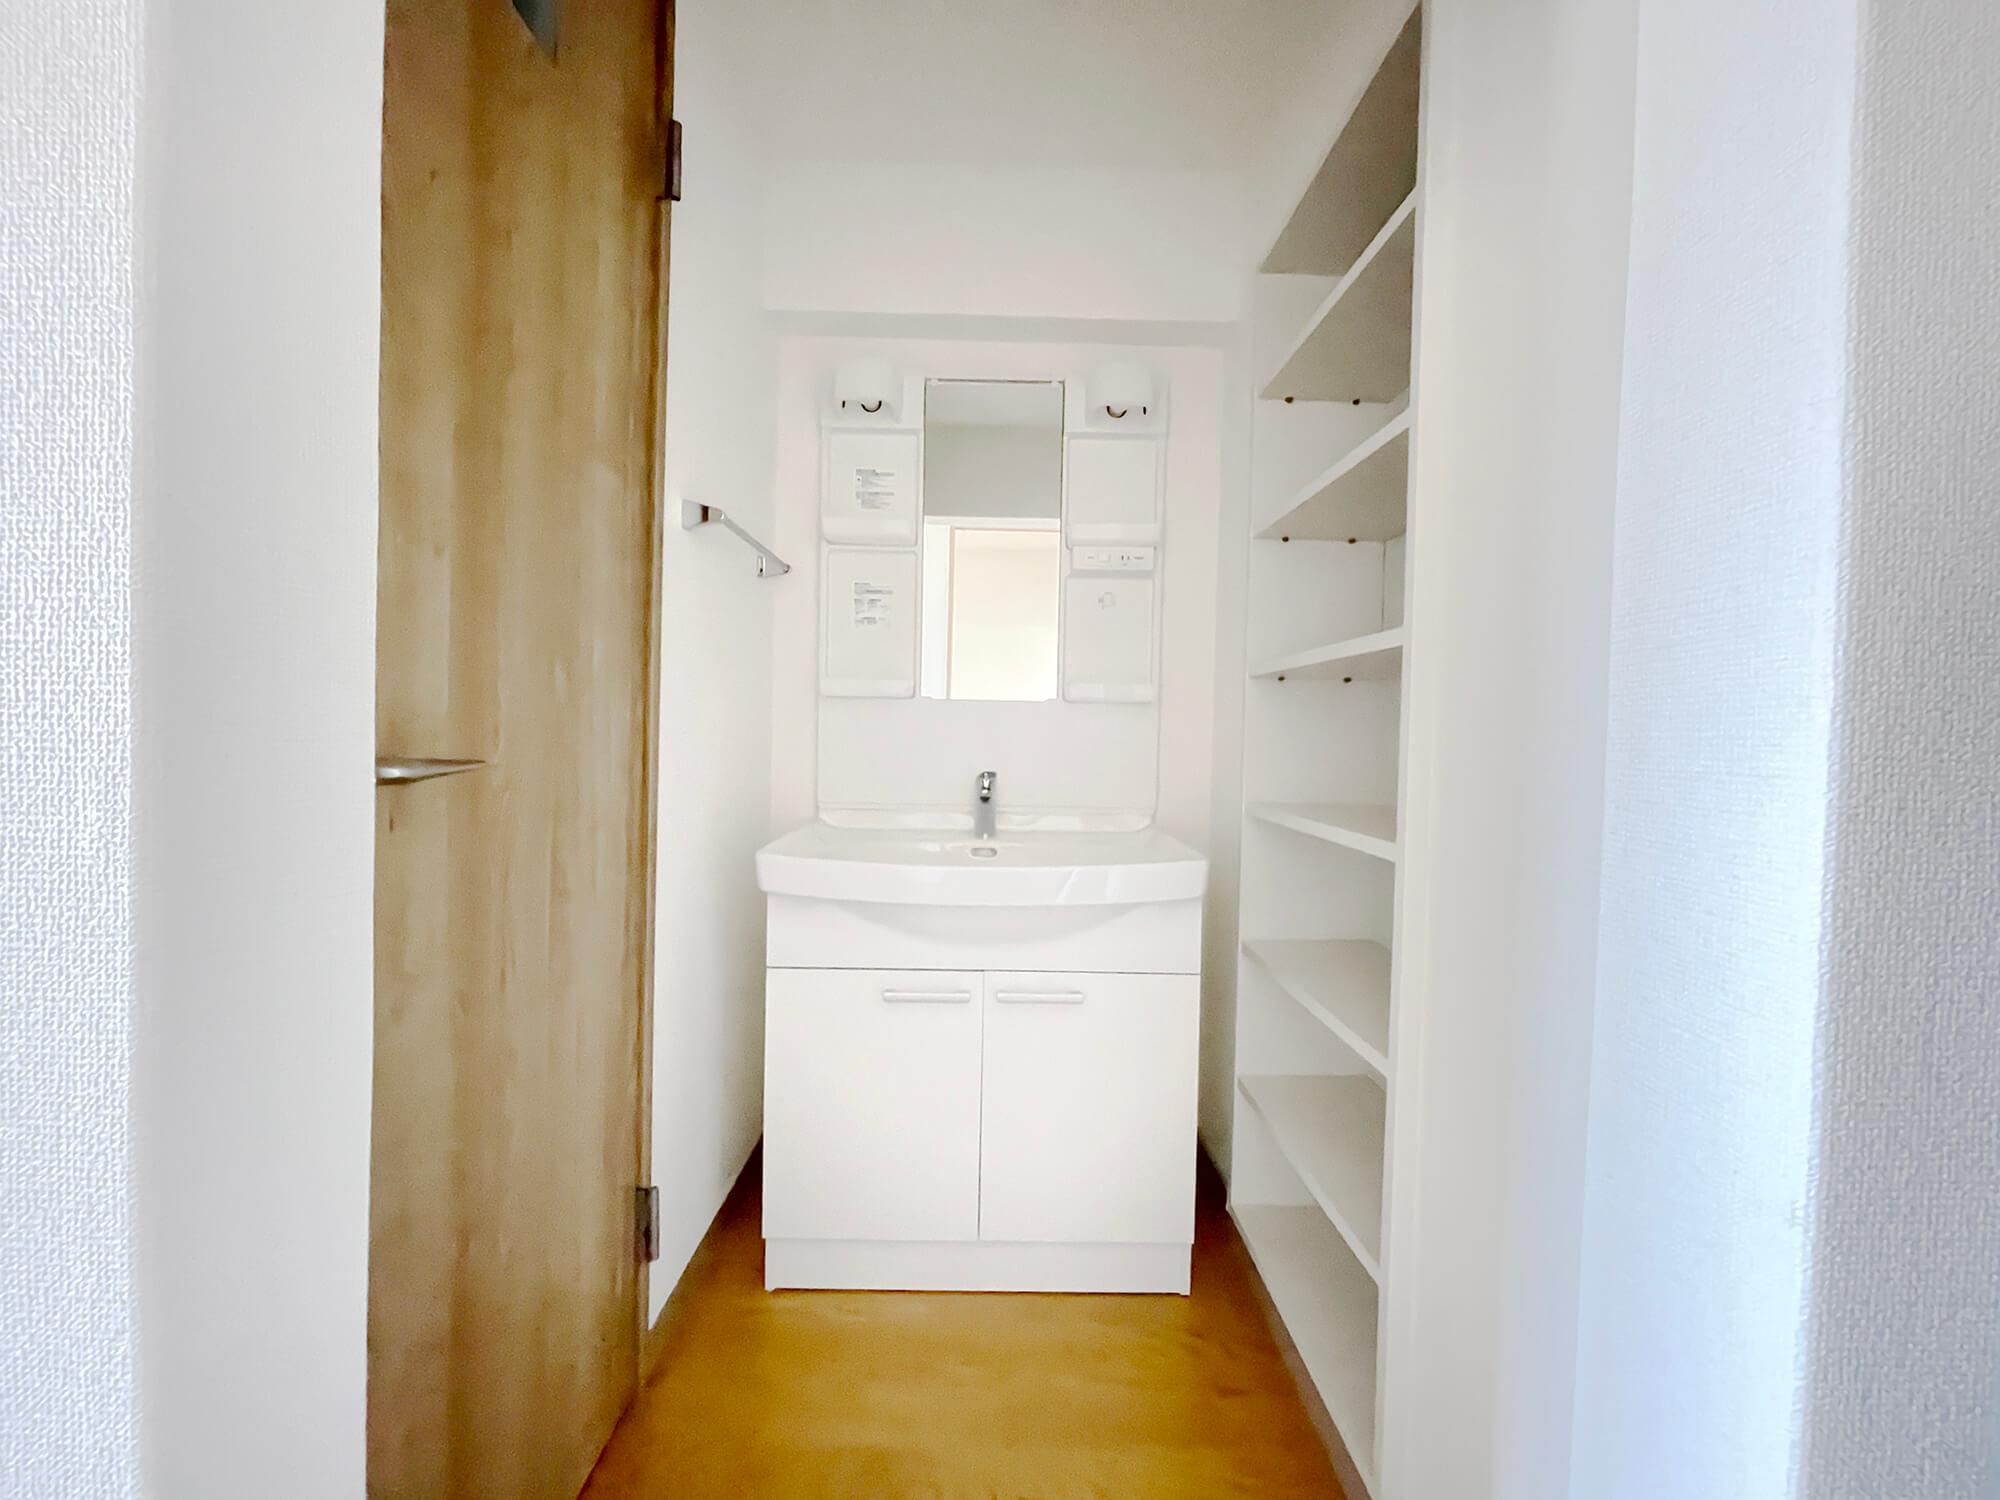 独立洗面台あります!収納もいっぱいですにゃ